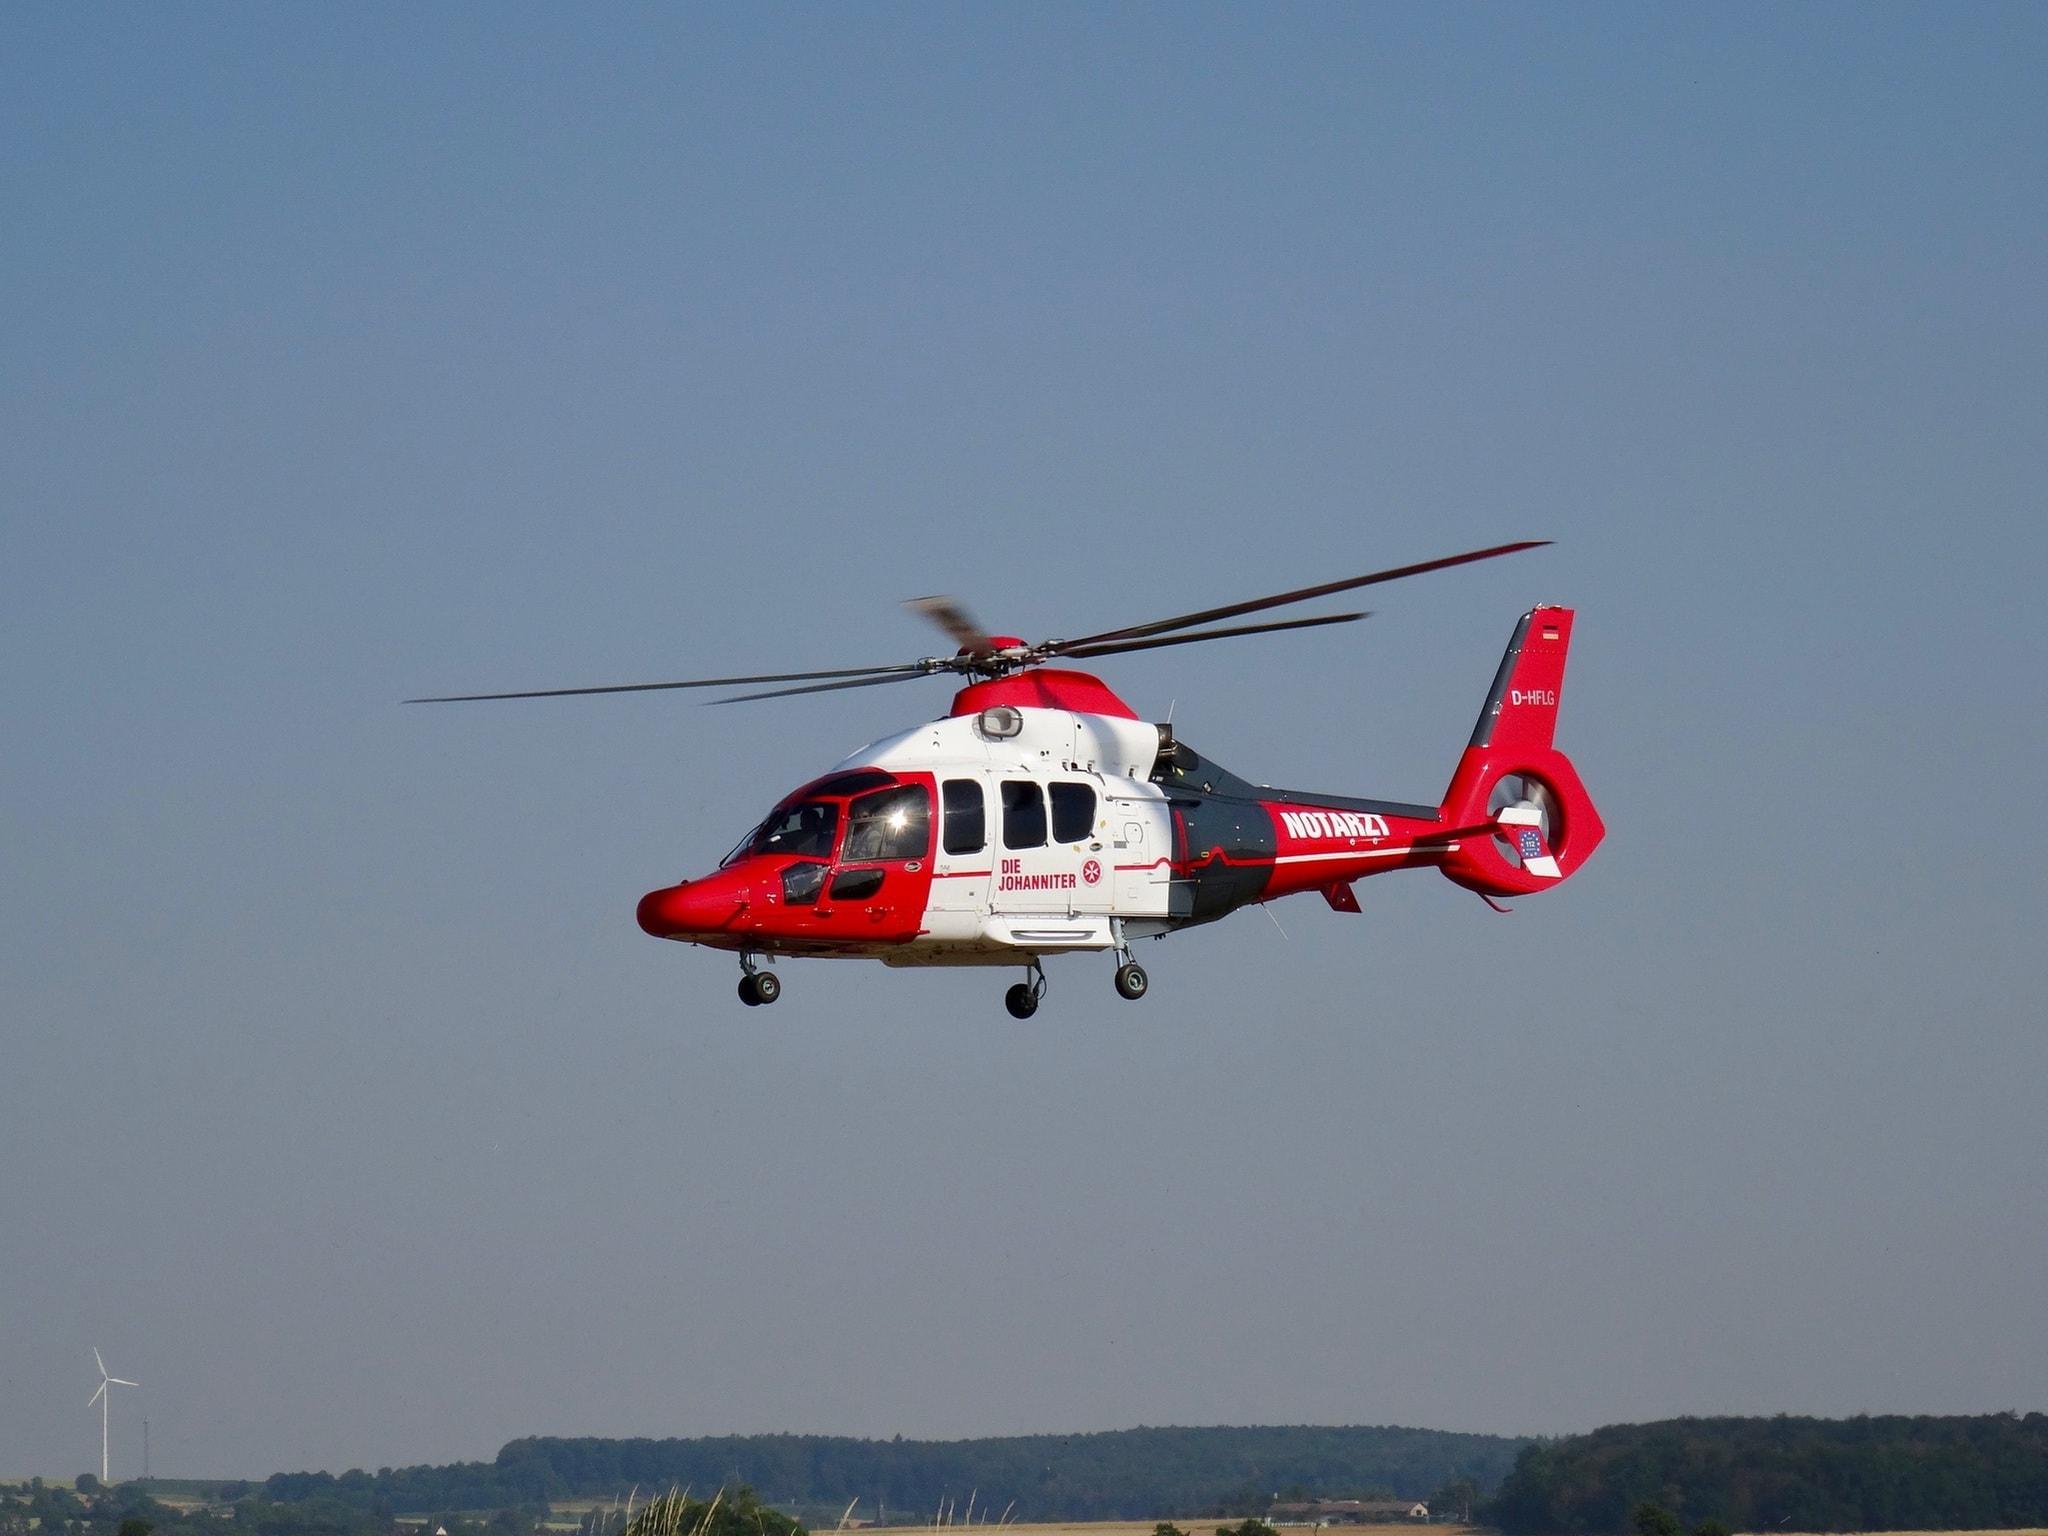 Notarzt Helikopter der Johanniter in der Luft